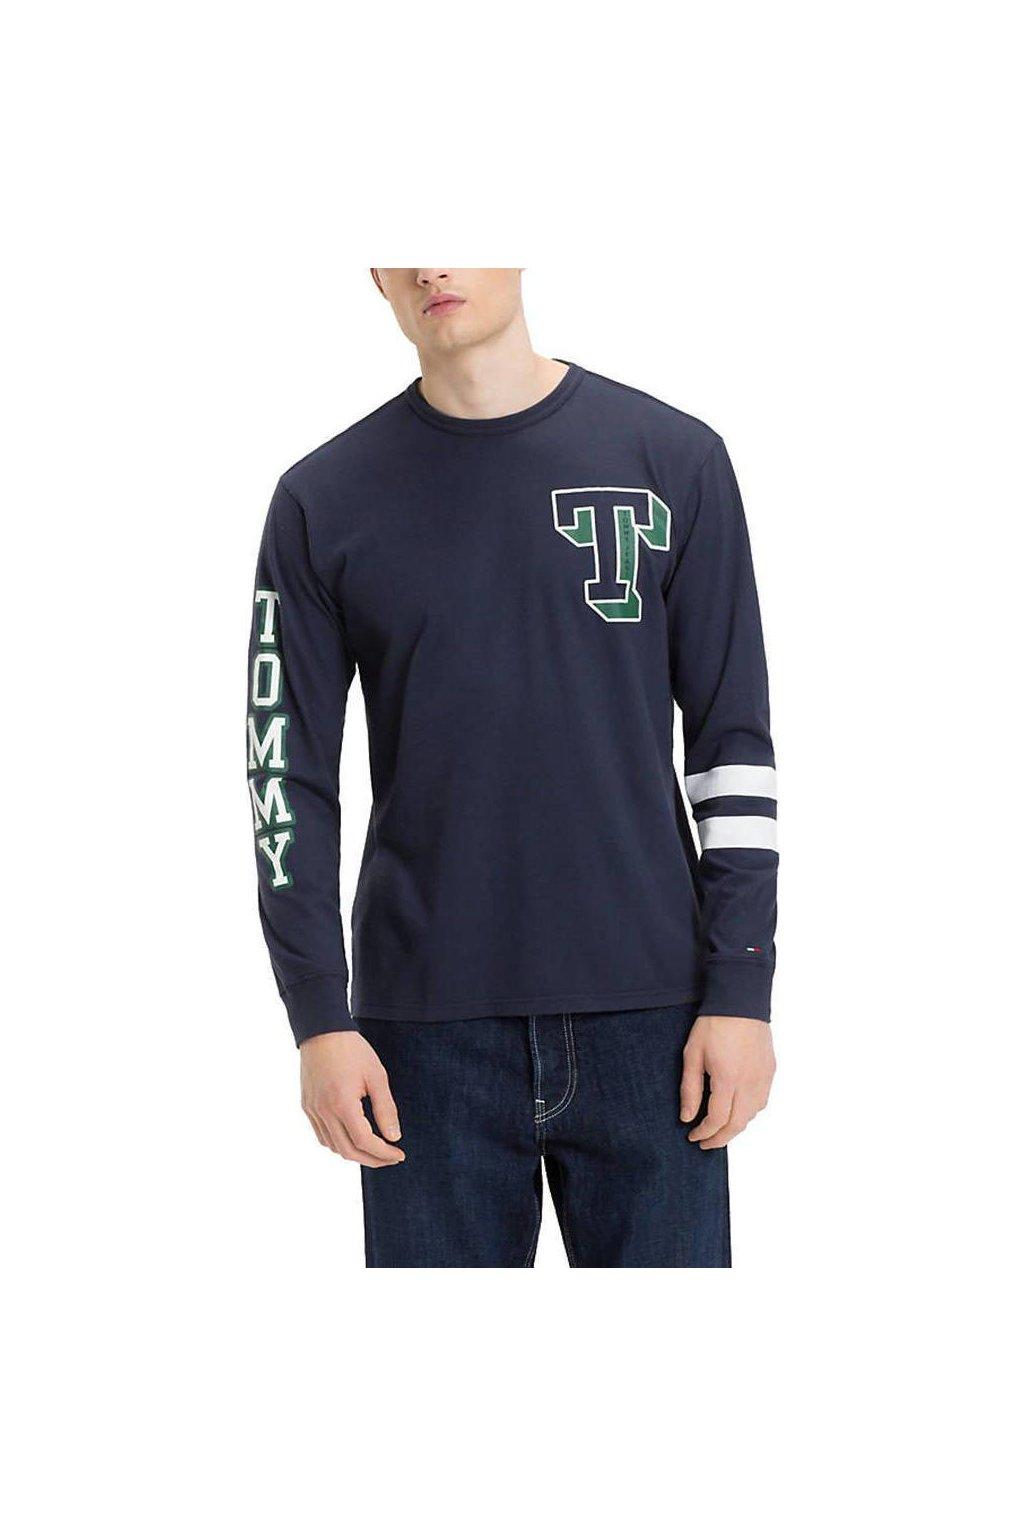 Pánské tričko Tommy Hilfiger DM0DM05128